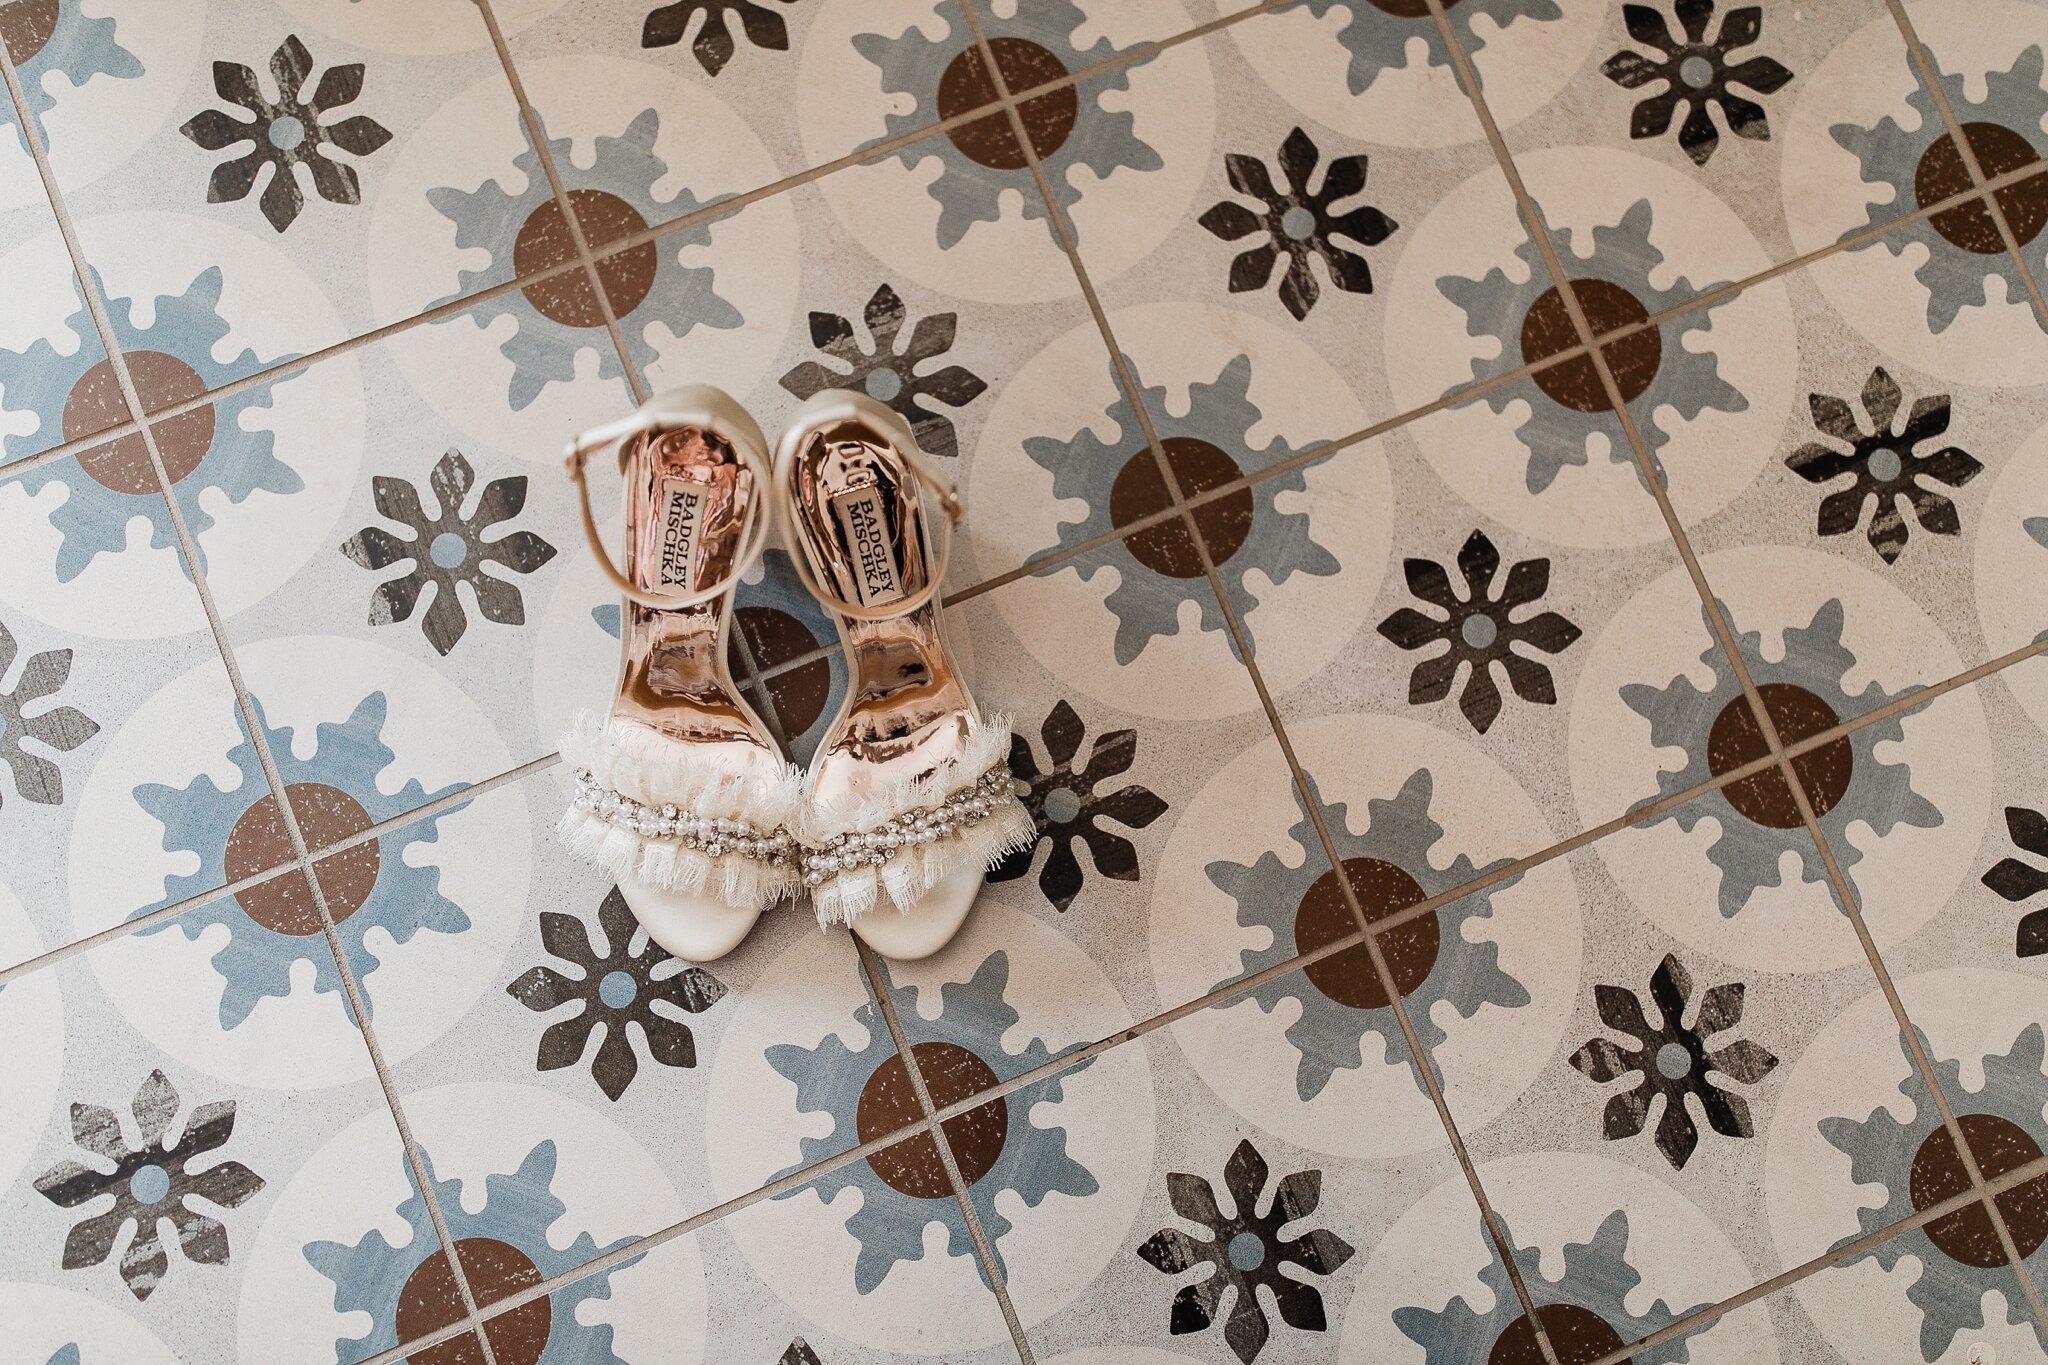 Alicia+lucia+photography+-+albuquerque+wedding+photographer+-+santa+fe+wedding+photography+-+new+mexico+wedding+photographer+-+new+mexico+wedding+-+bed+and+breakfast+wedding+-+sarabande+wedding+-+sarabande+bed+and+breakfast+wedding_0009.jpg